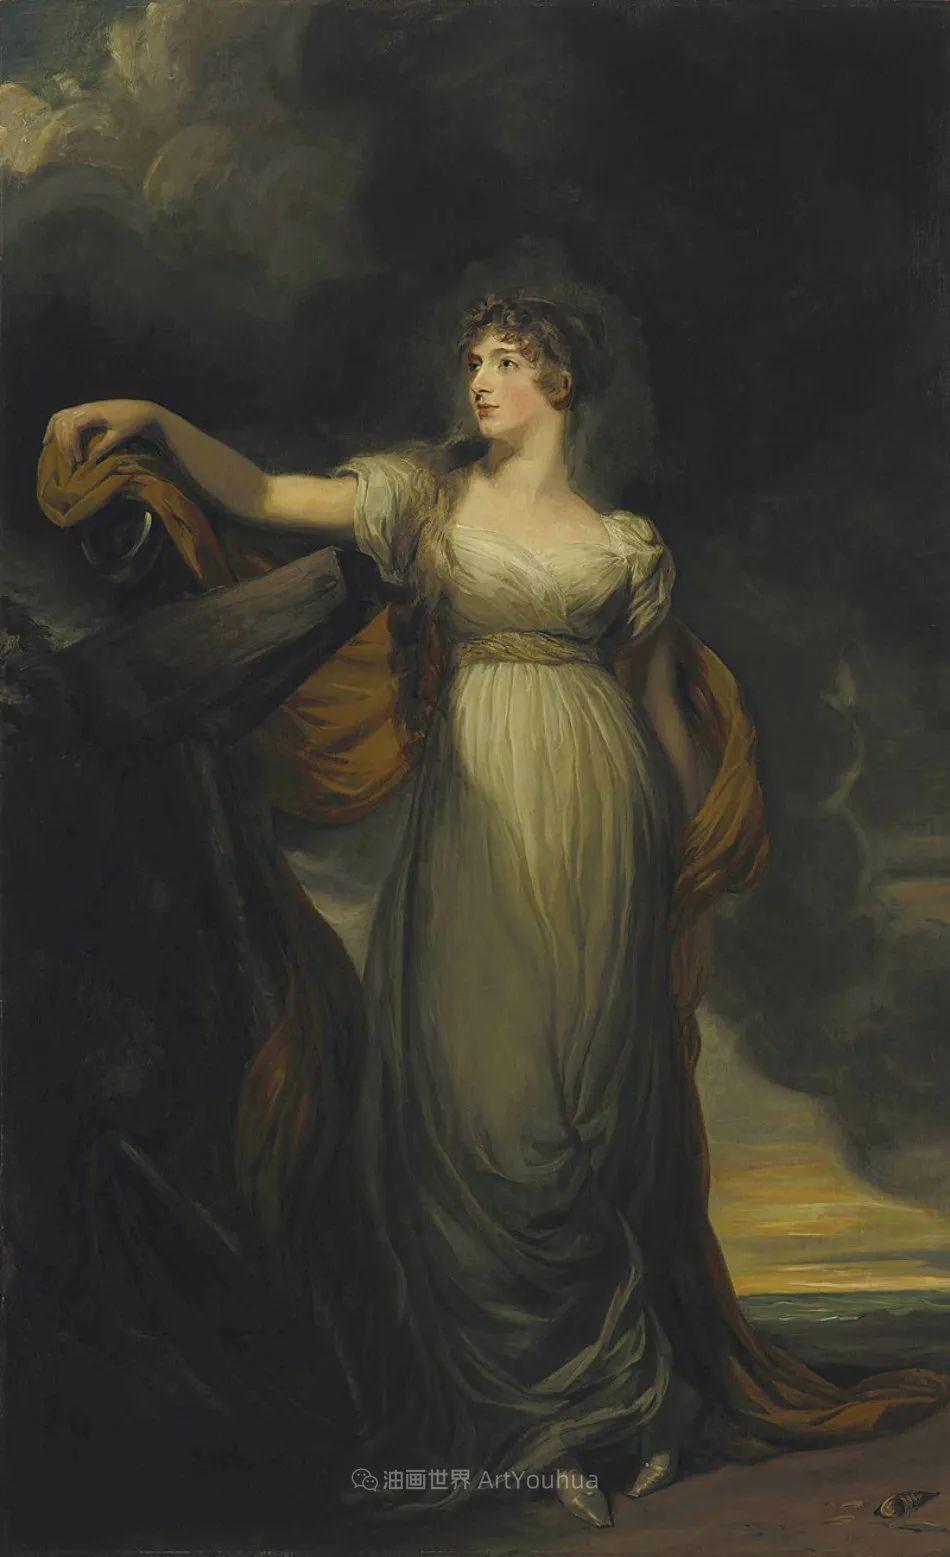 两百年前华丽风格的女性肖像,奔放的笔触、明亮的色彩!插图47